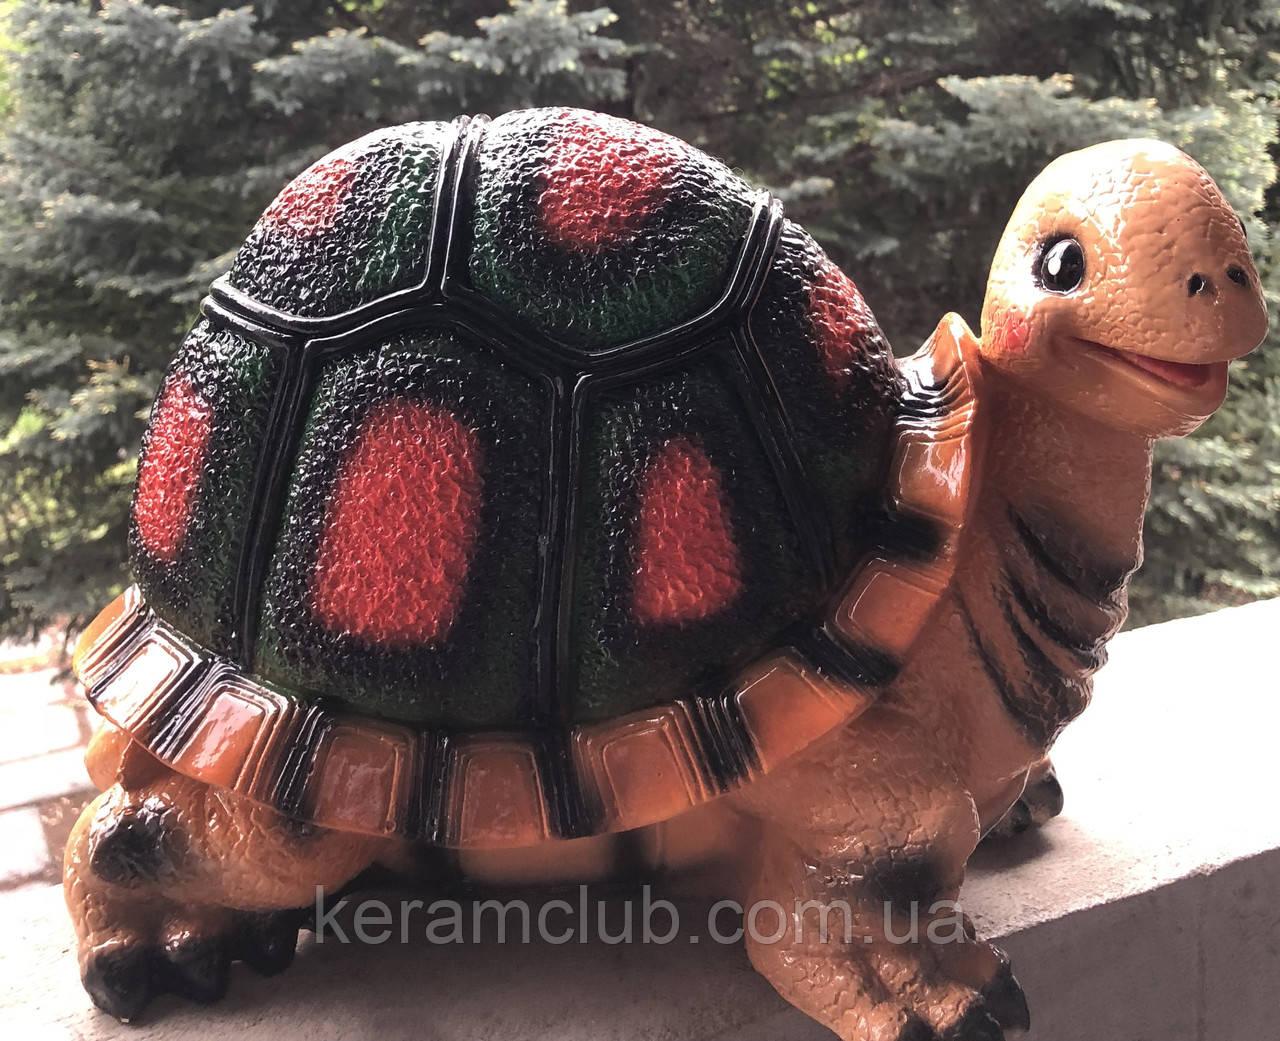 Ландшафтная фигура: черепаха